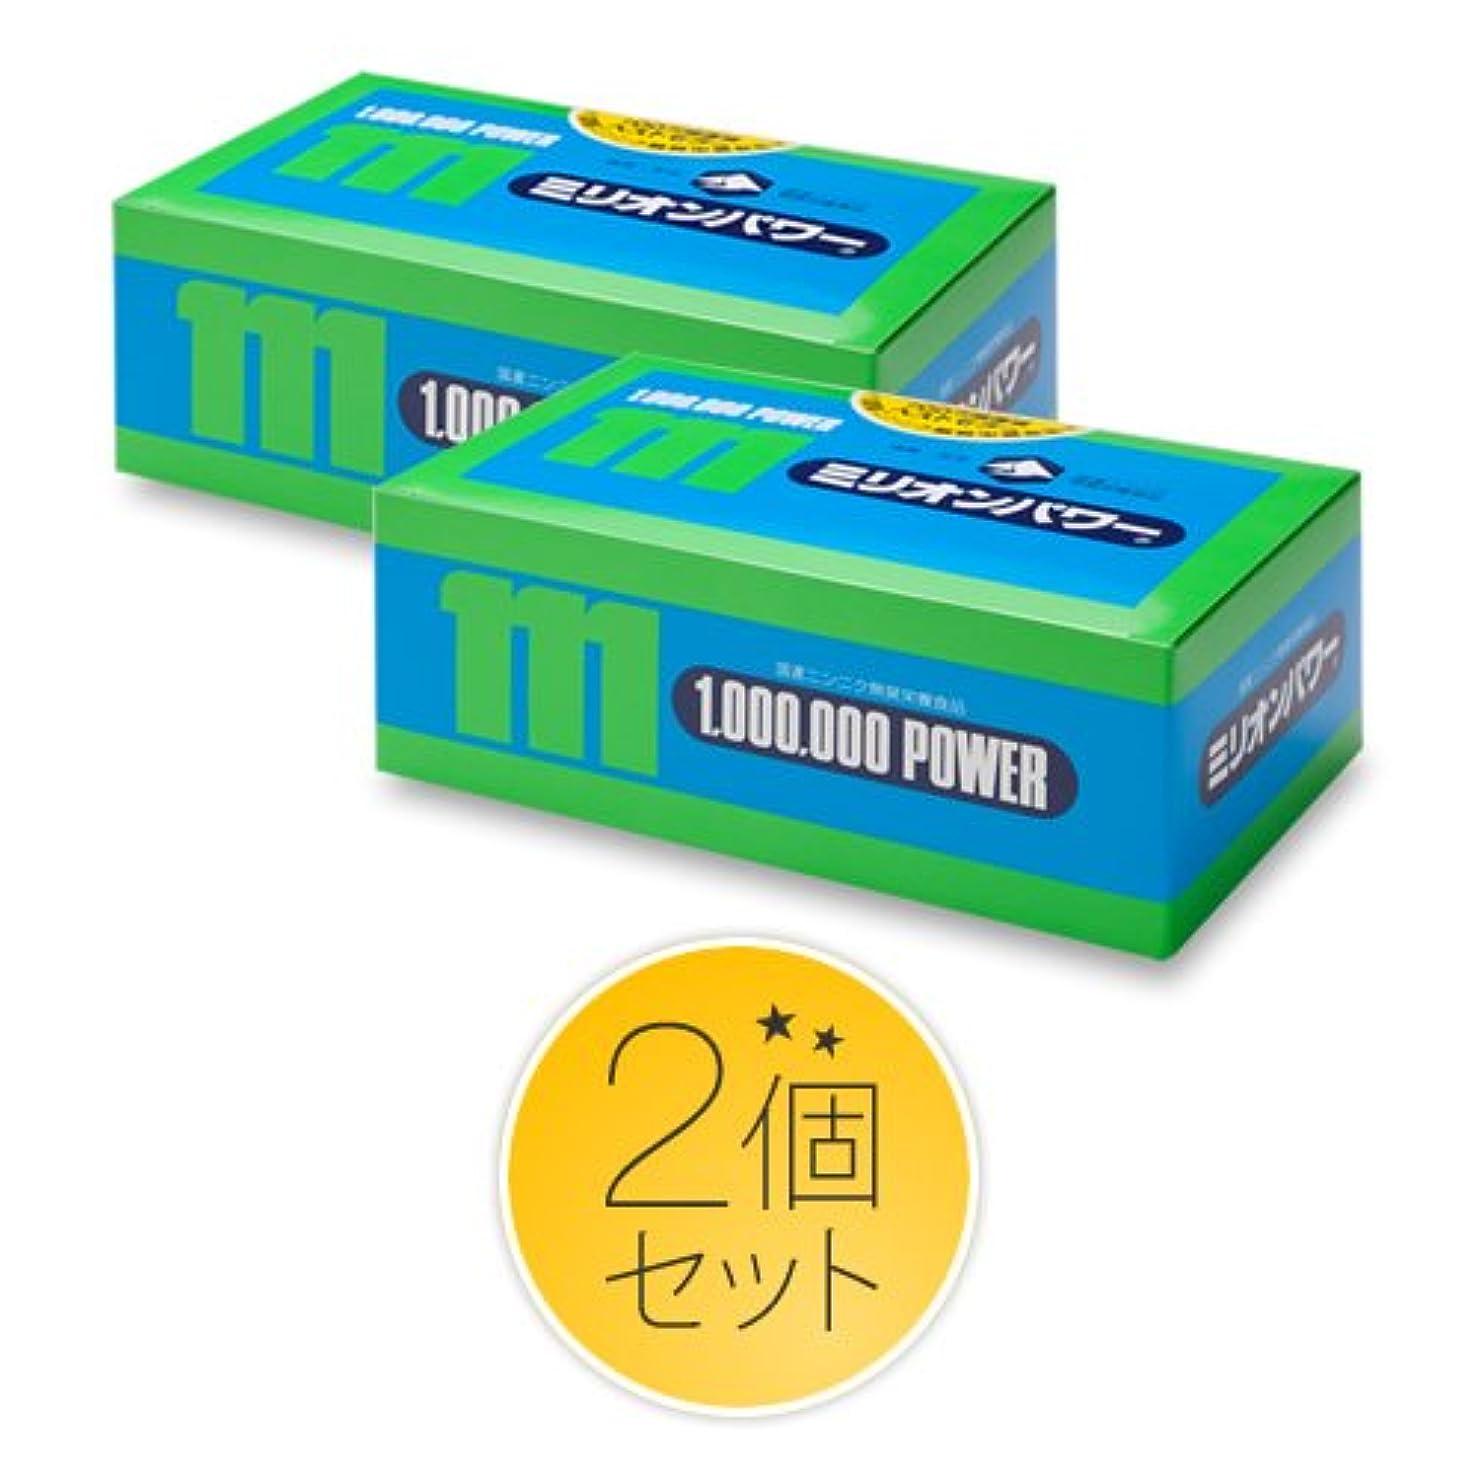 アフリカ偽物ポルティコミリオンパワー2箱セット【期間限定】EPA高配合 さらさら青魚プレゼント